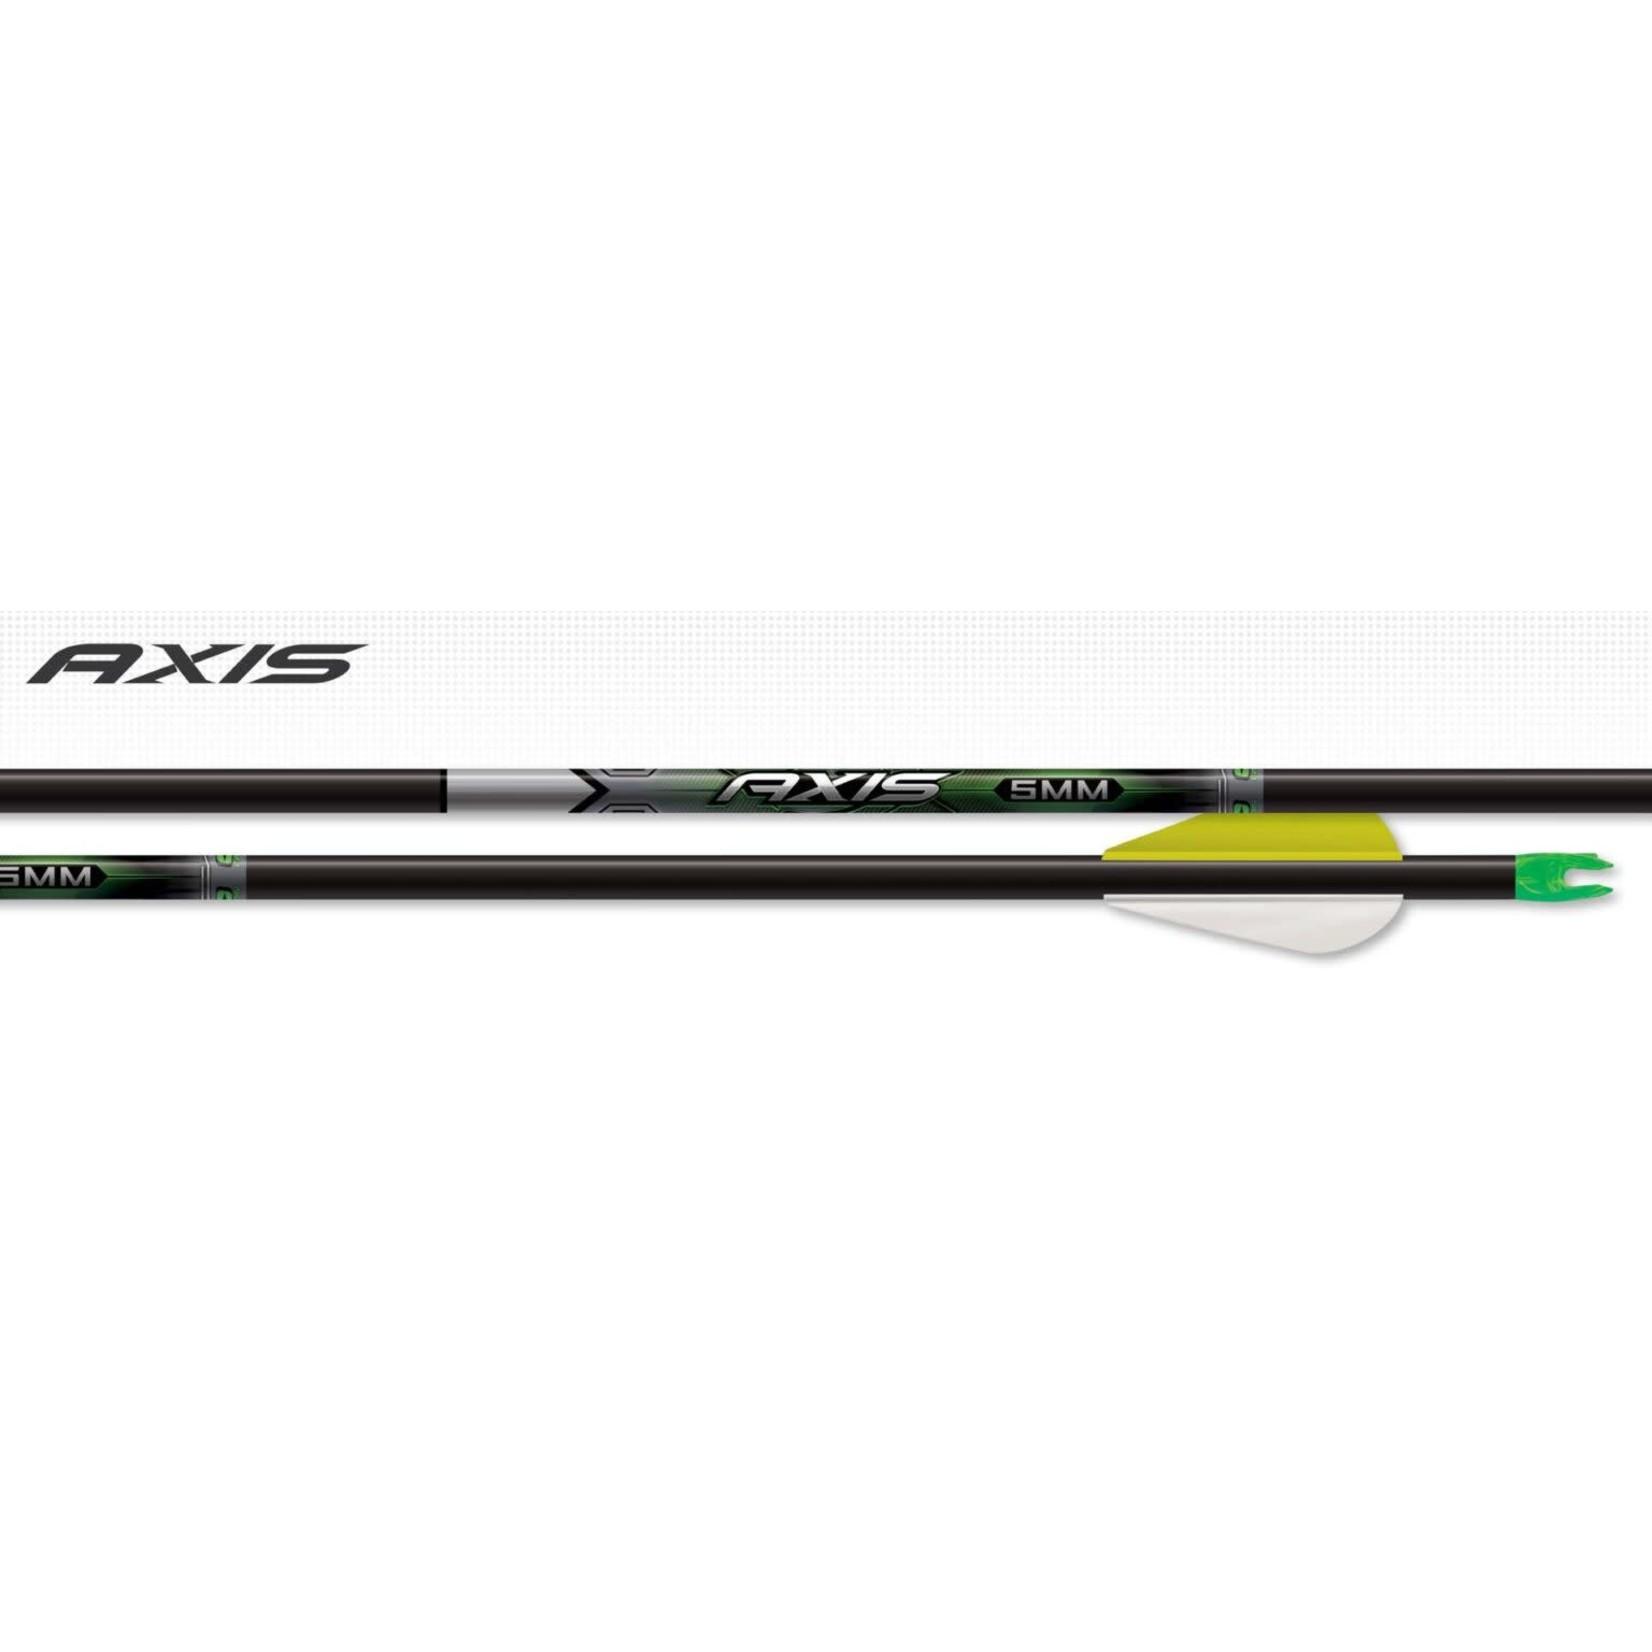 Easton Easton Axis 5mm  Arrows 300 (1/2 doz)